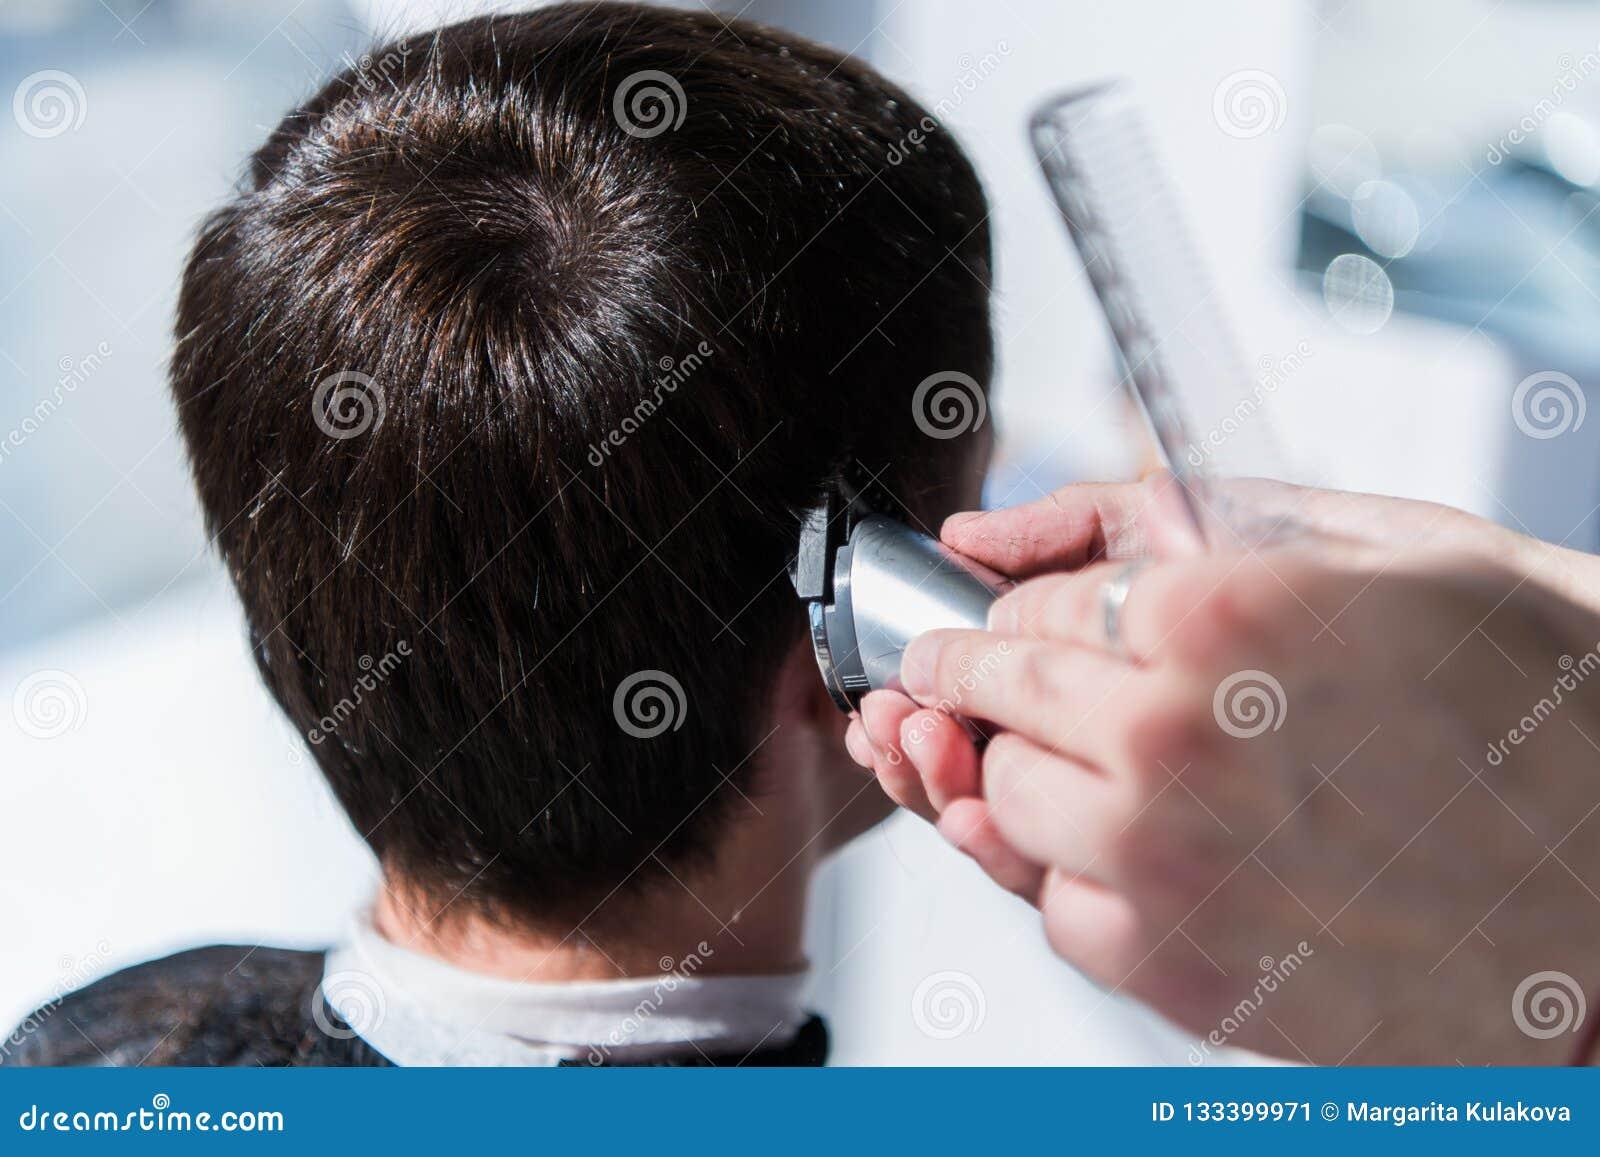 大师在理发店剪人,美发师的头发做一个年轻人的发型